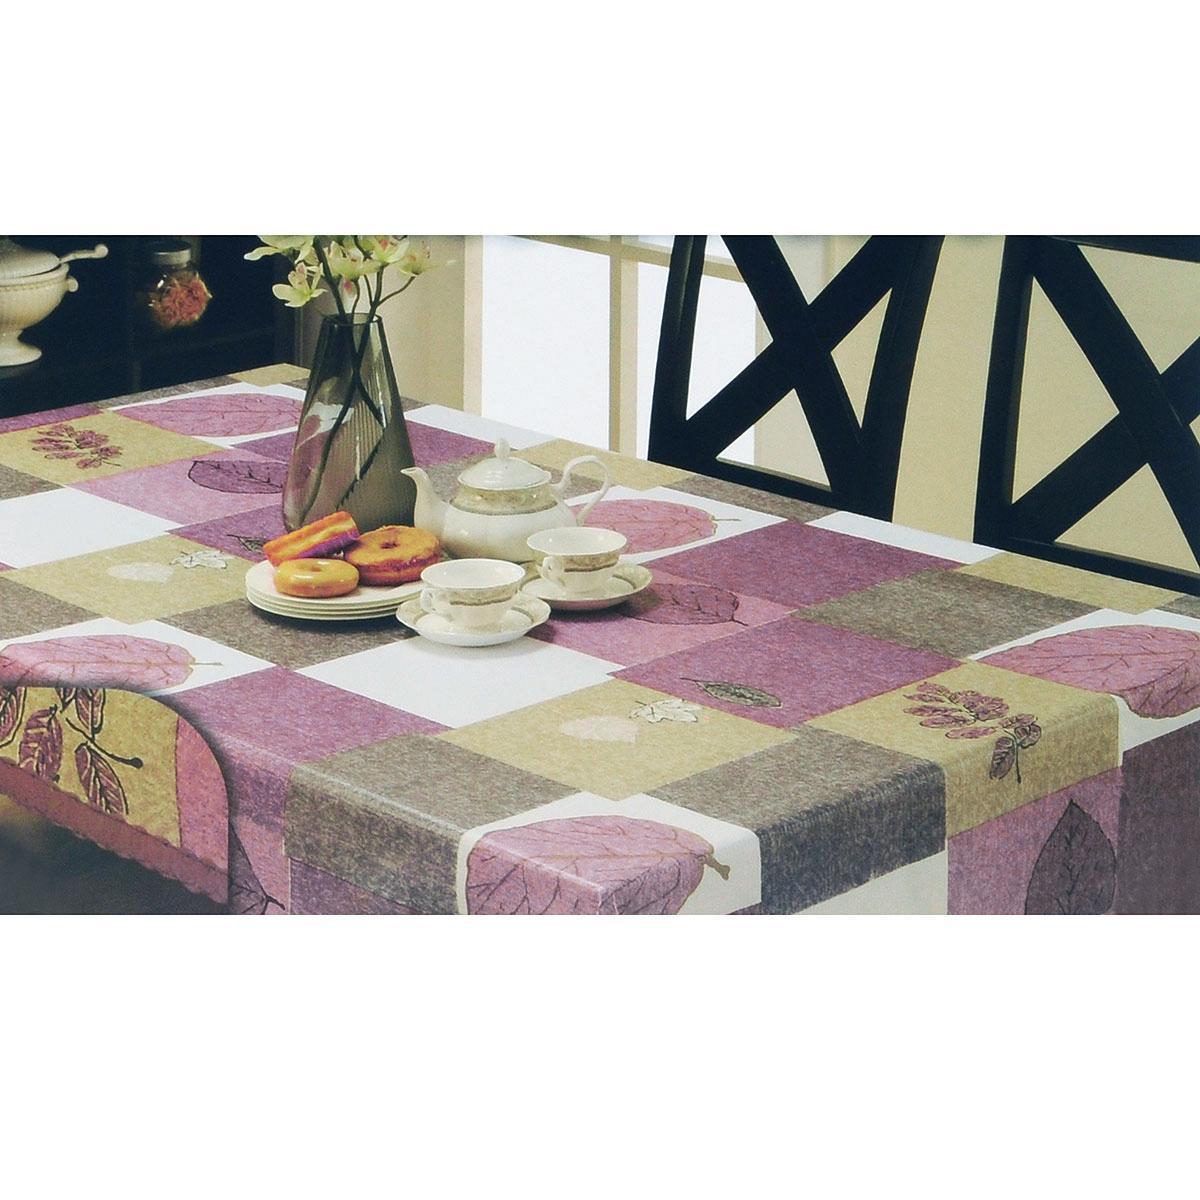 Скатерть White Fox Лист, прямоугольная, цвет: сиреневый, серый, 120x 150 см531-401Прямоугольная скатерть White Fox Лист, выполненная из ПВХ с основой из флиса, предназначена для защиты стола от царапин, пятен и крошек. Край скатерти обработан строчкой. Скатерть оформлена изображением листочков, а рифлёная поверхность формирует приятные тактильные ощущения, при этом частички пищи удаляются с легкостью и поверхность остается всегда чистой. Скатерть термостойкая, выдерживает температуру до +70 °C.Скатерть White Fox проста в уходе - её можно протирать любыми моющими средствами при необходимости.Скатерть упакована в виниловый пакет с внутренним цветным вкладышем и подвесом в виде крючка.